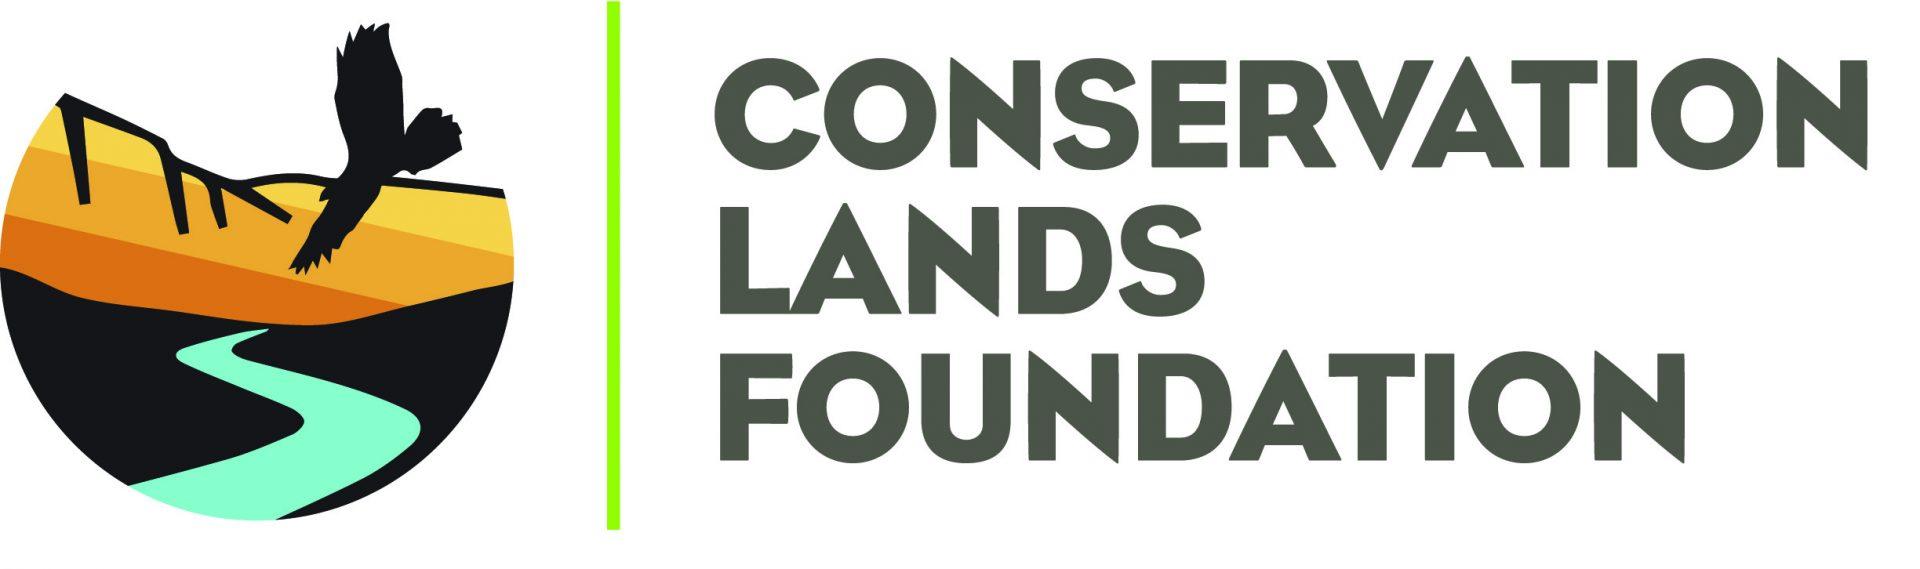 Conservation Lands Foundation logo